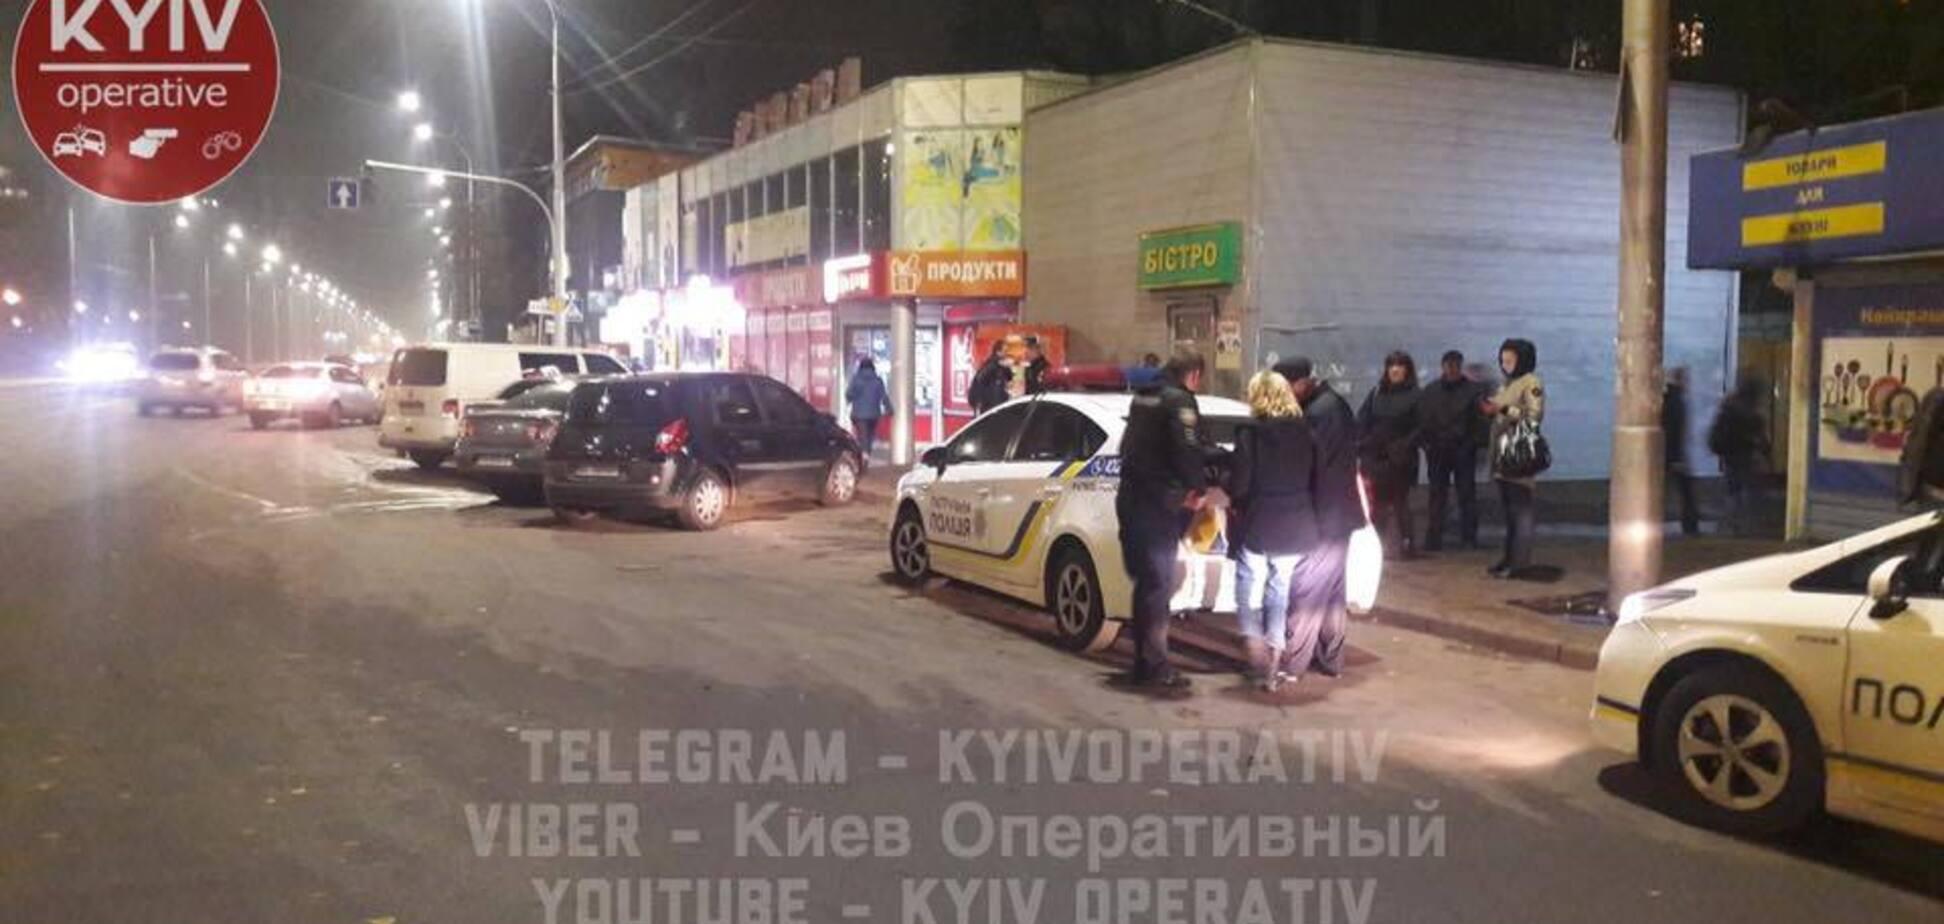 В Киеве водитель маршрутки попал в громкий скандал